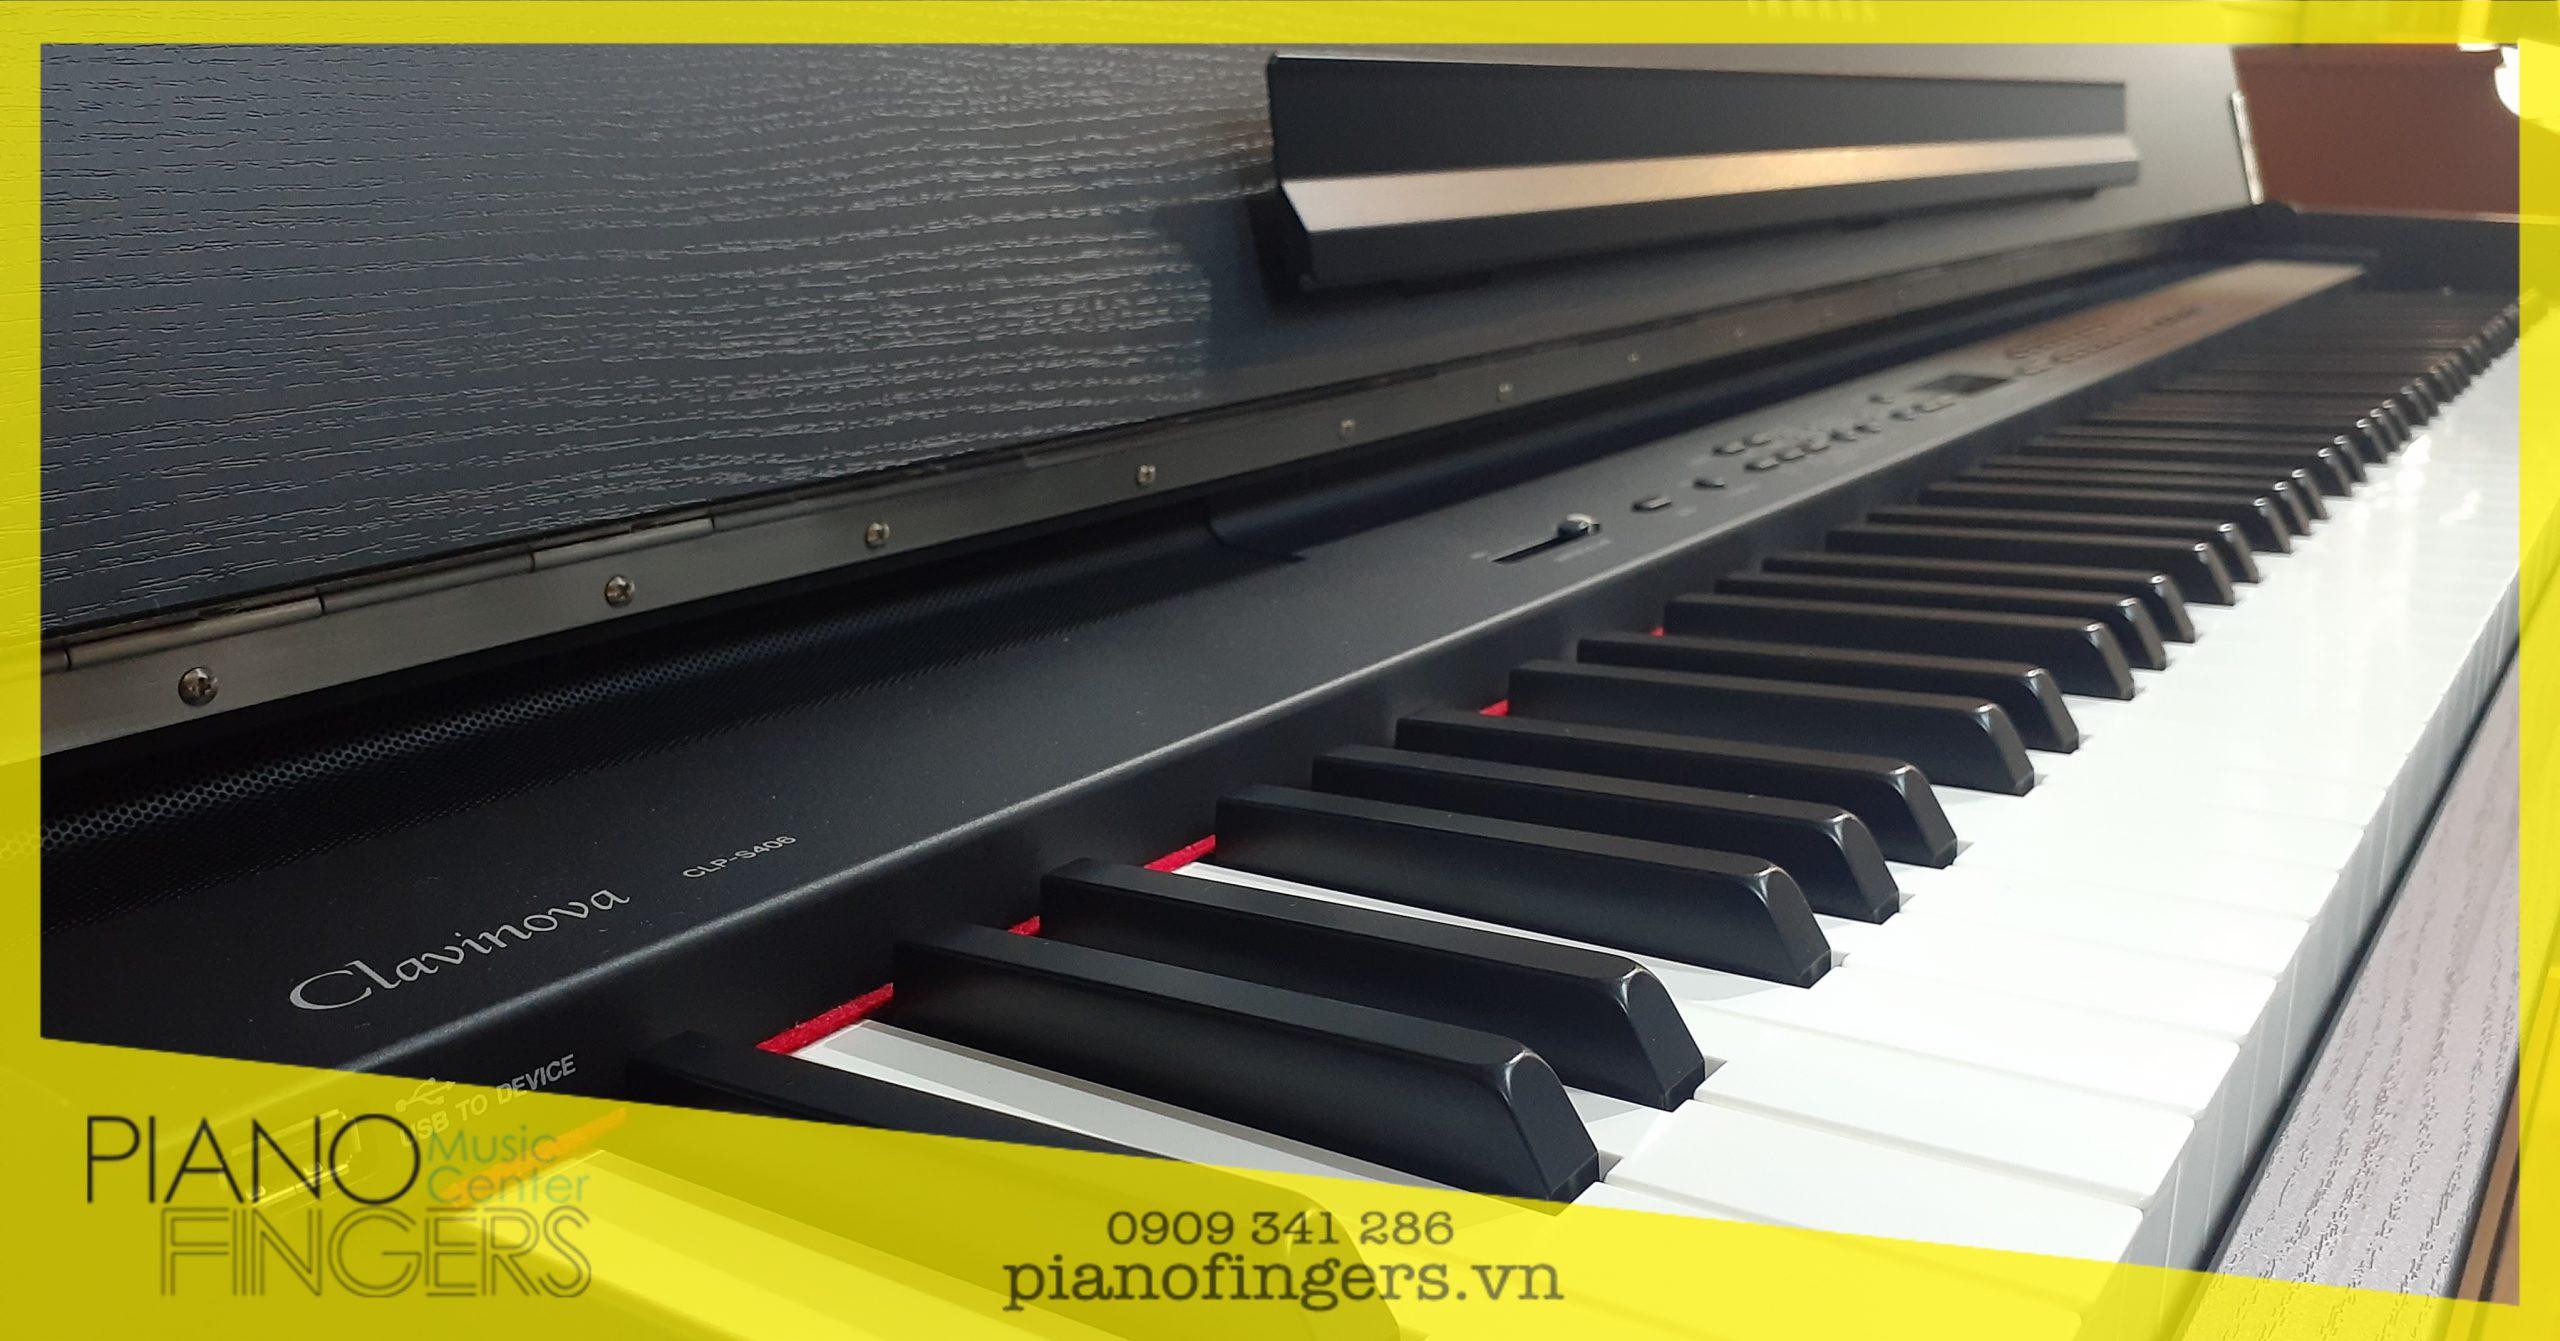 Bảo Quản Đàn Piano Điện Khi Thời Tiết Nóng Ẩm